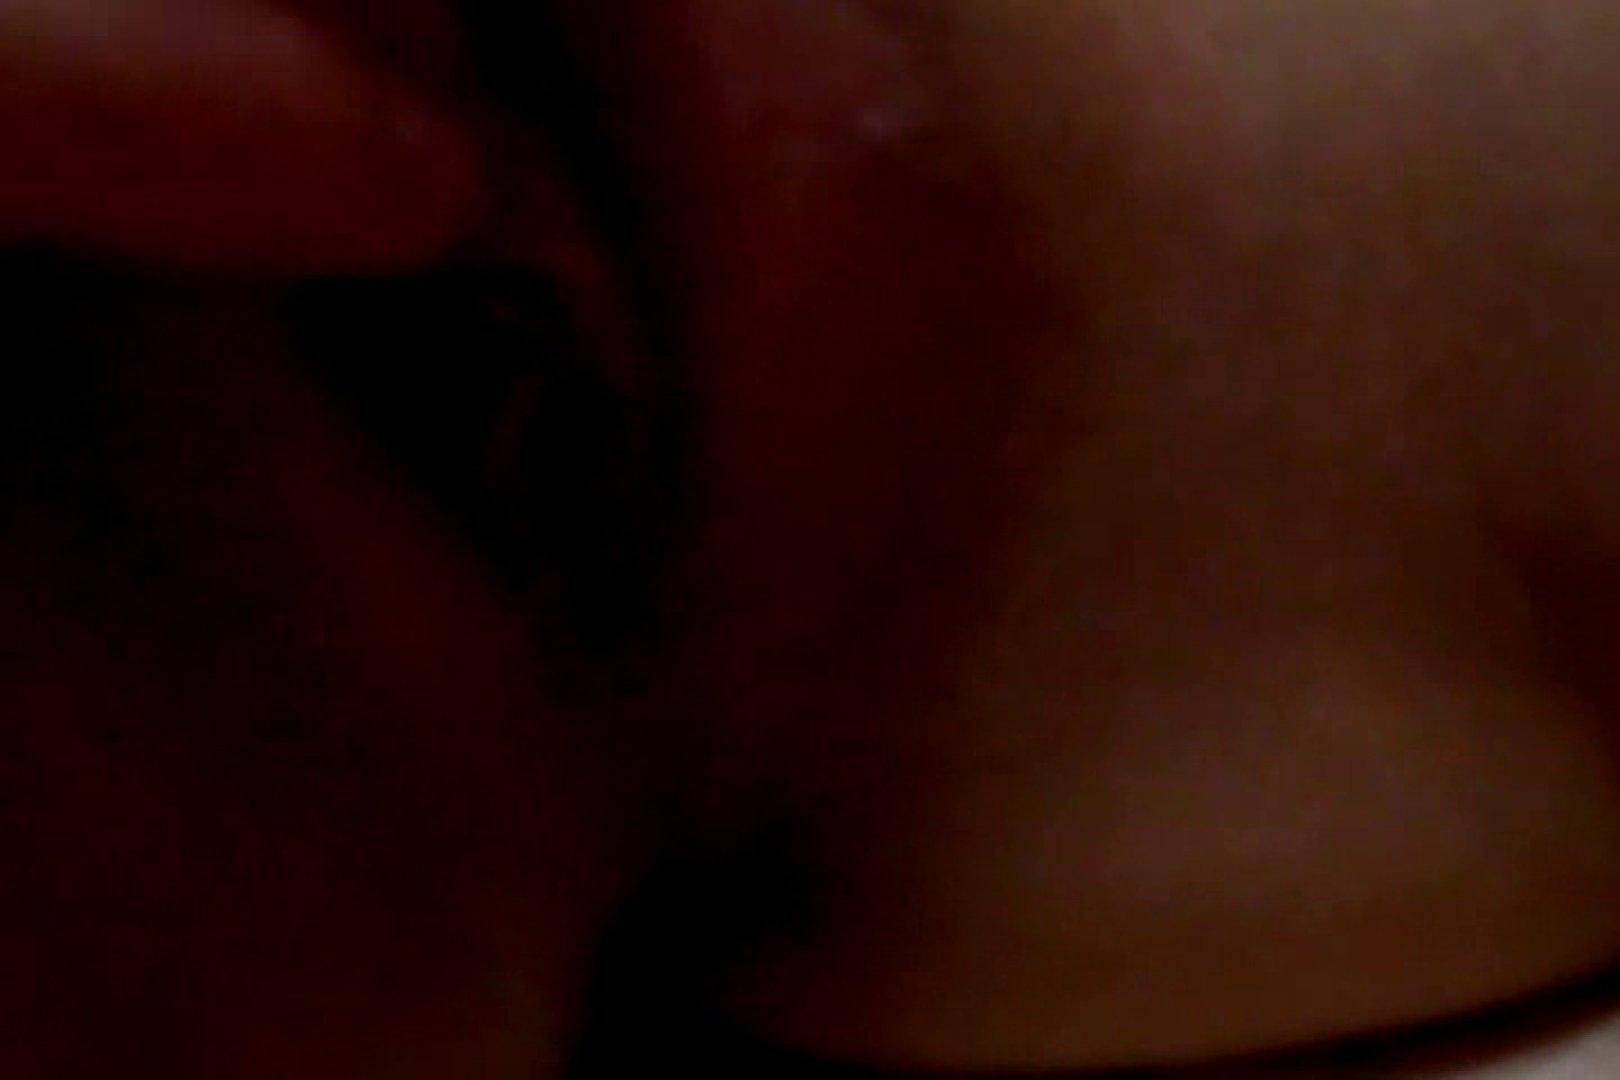 ウイルス流出 Ownerのハメ撮り映像 無修正マンコ   プライベート投稿  61PIX 3